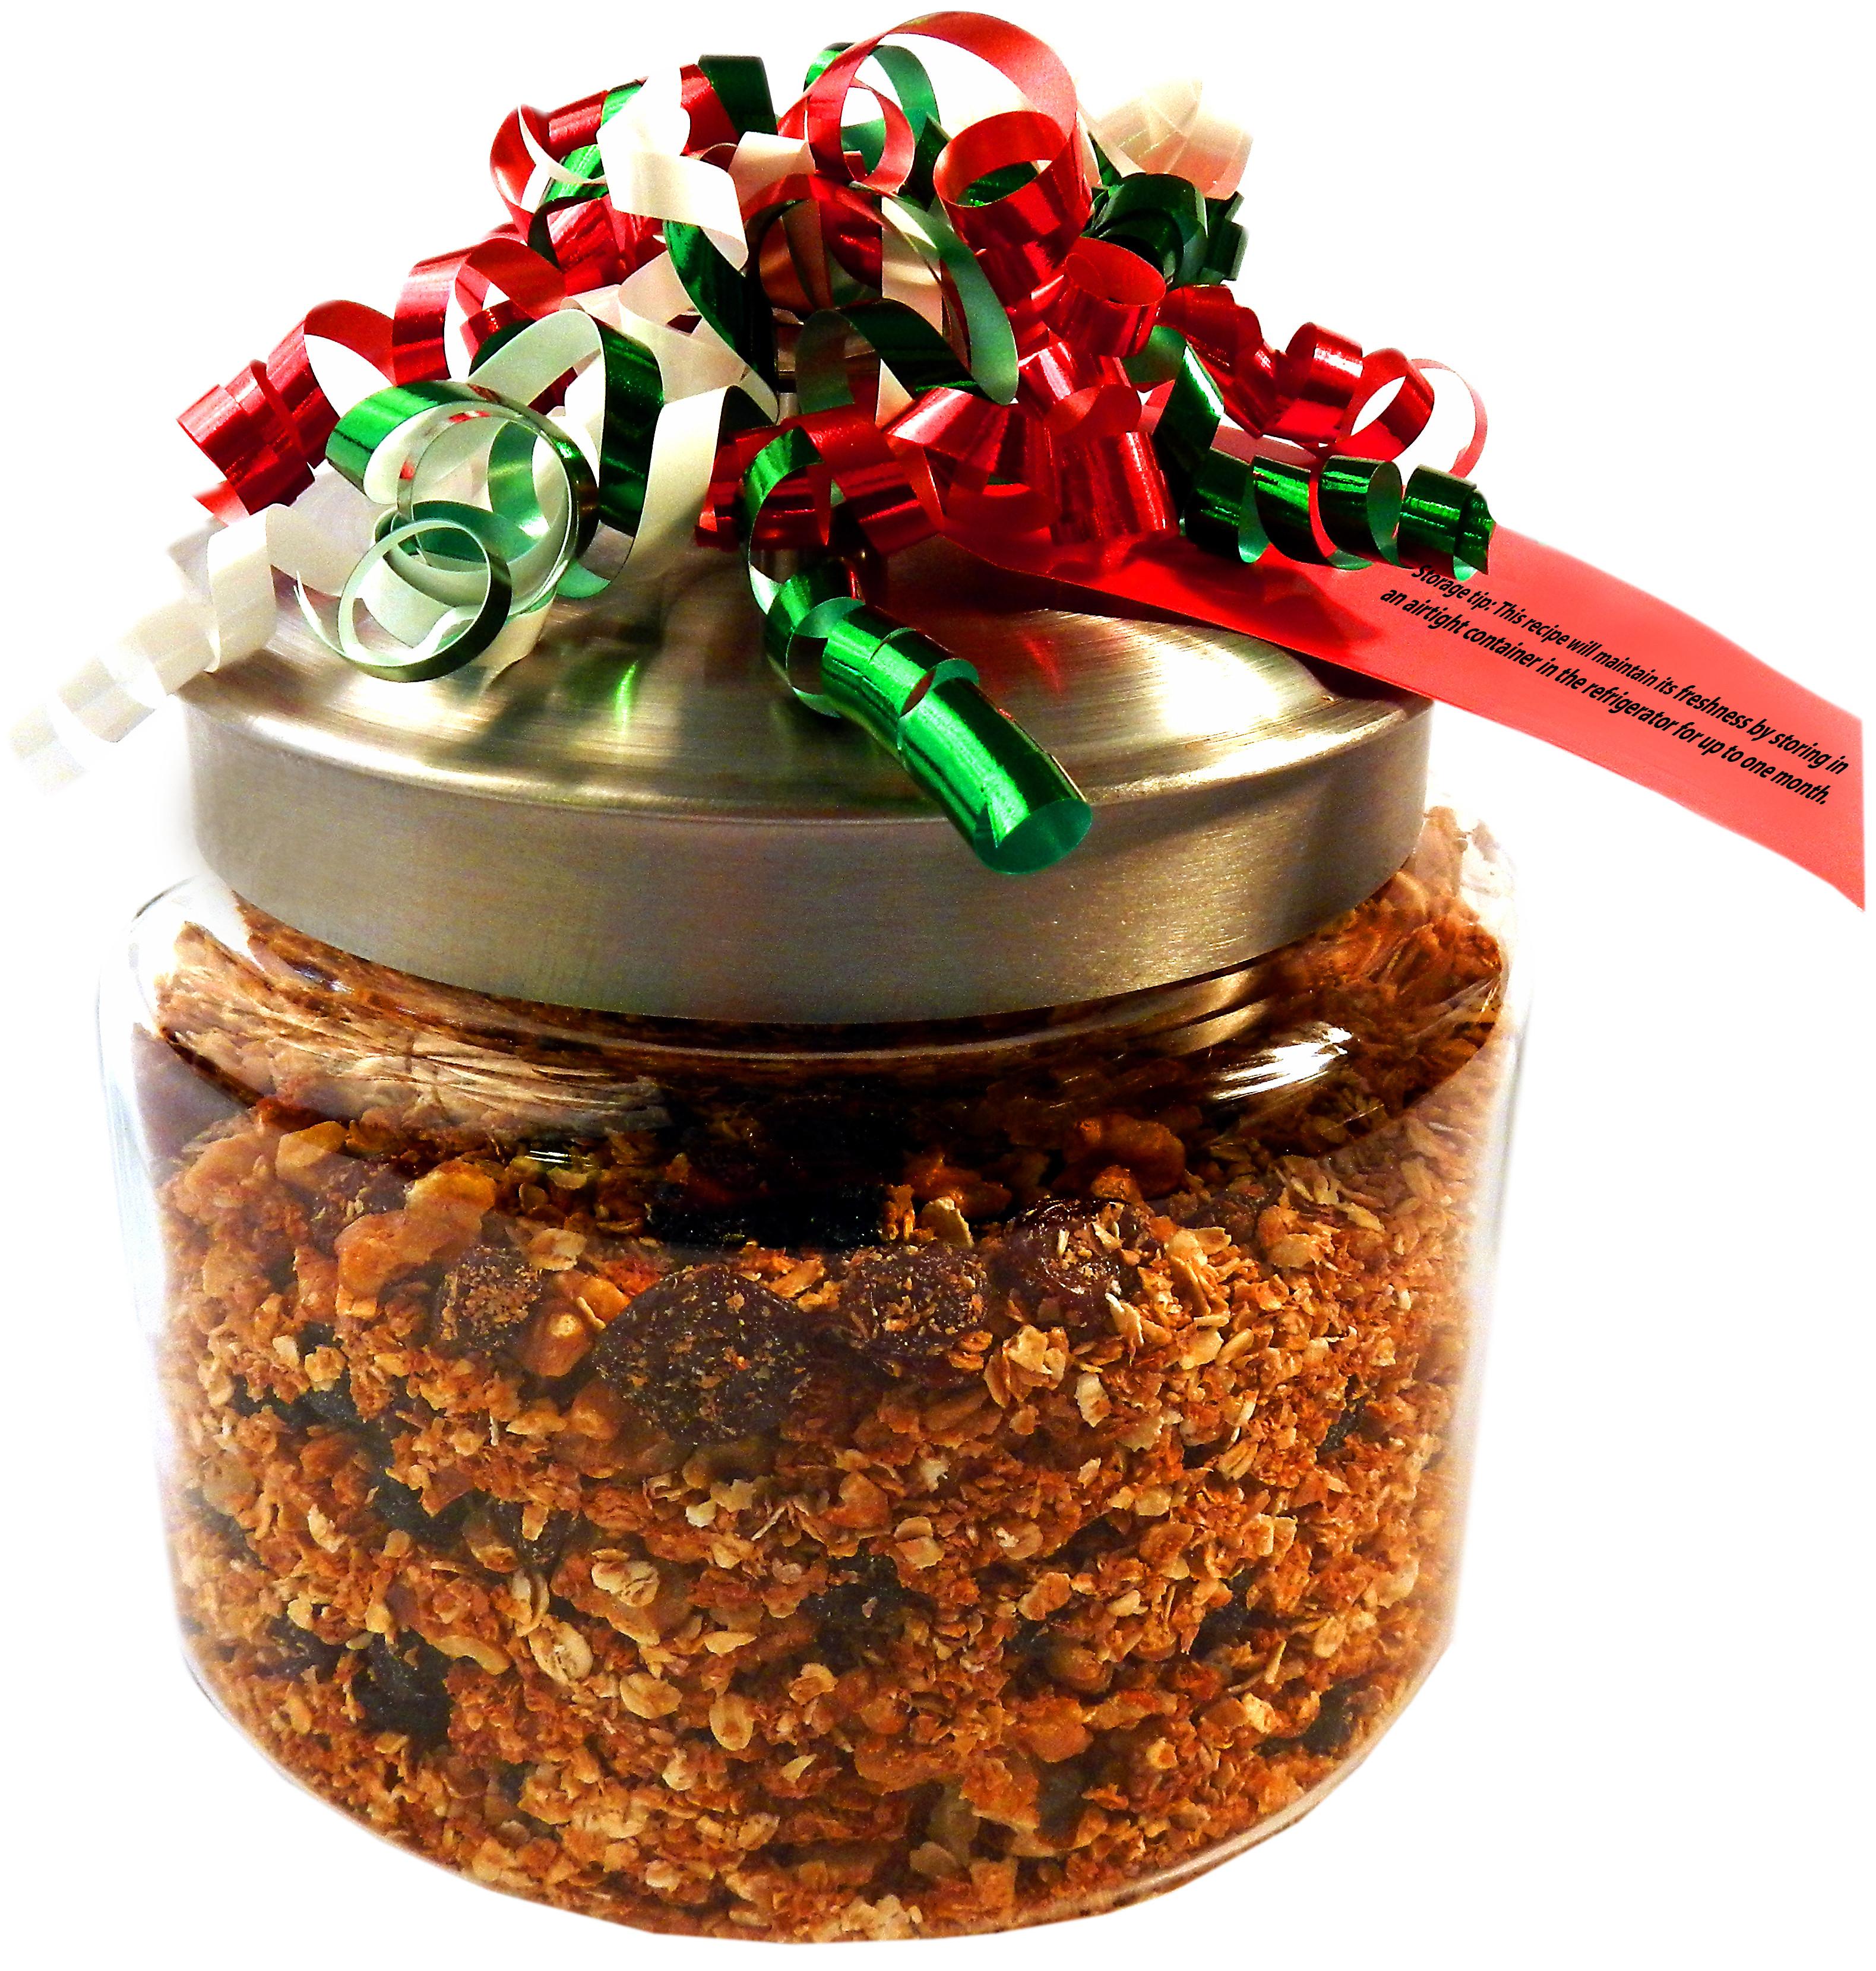 Food Gifts Christmas  Homemade Holiday Food Gifts